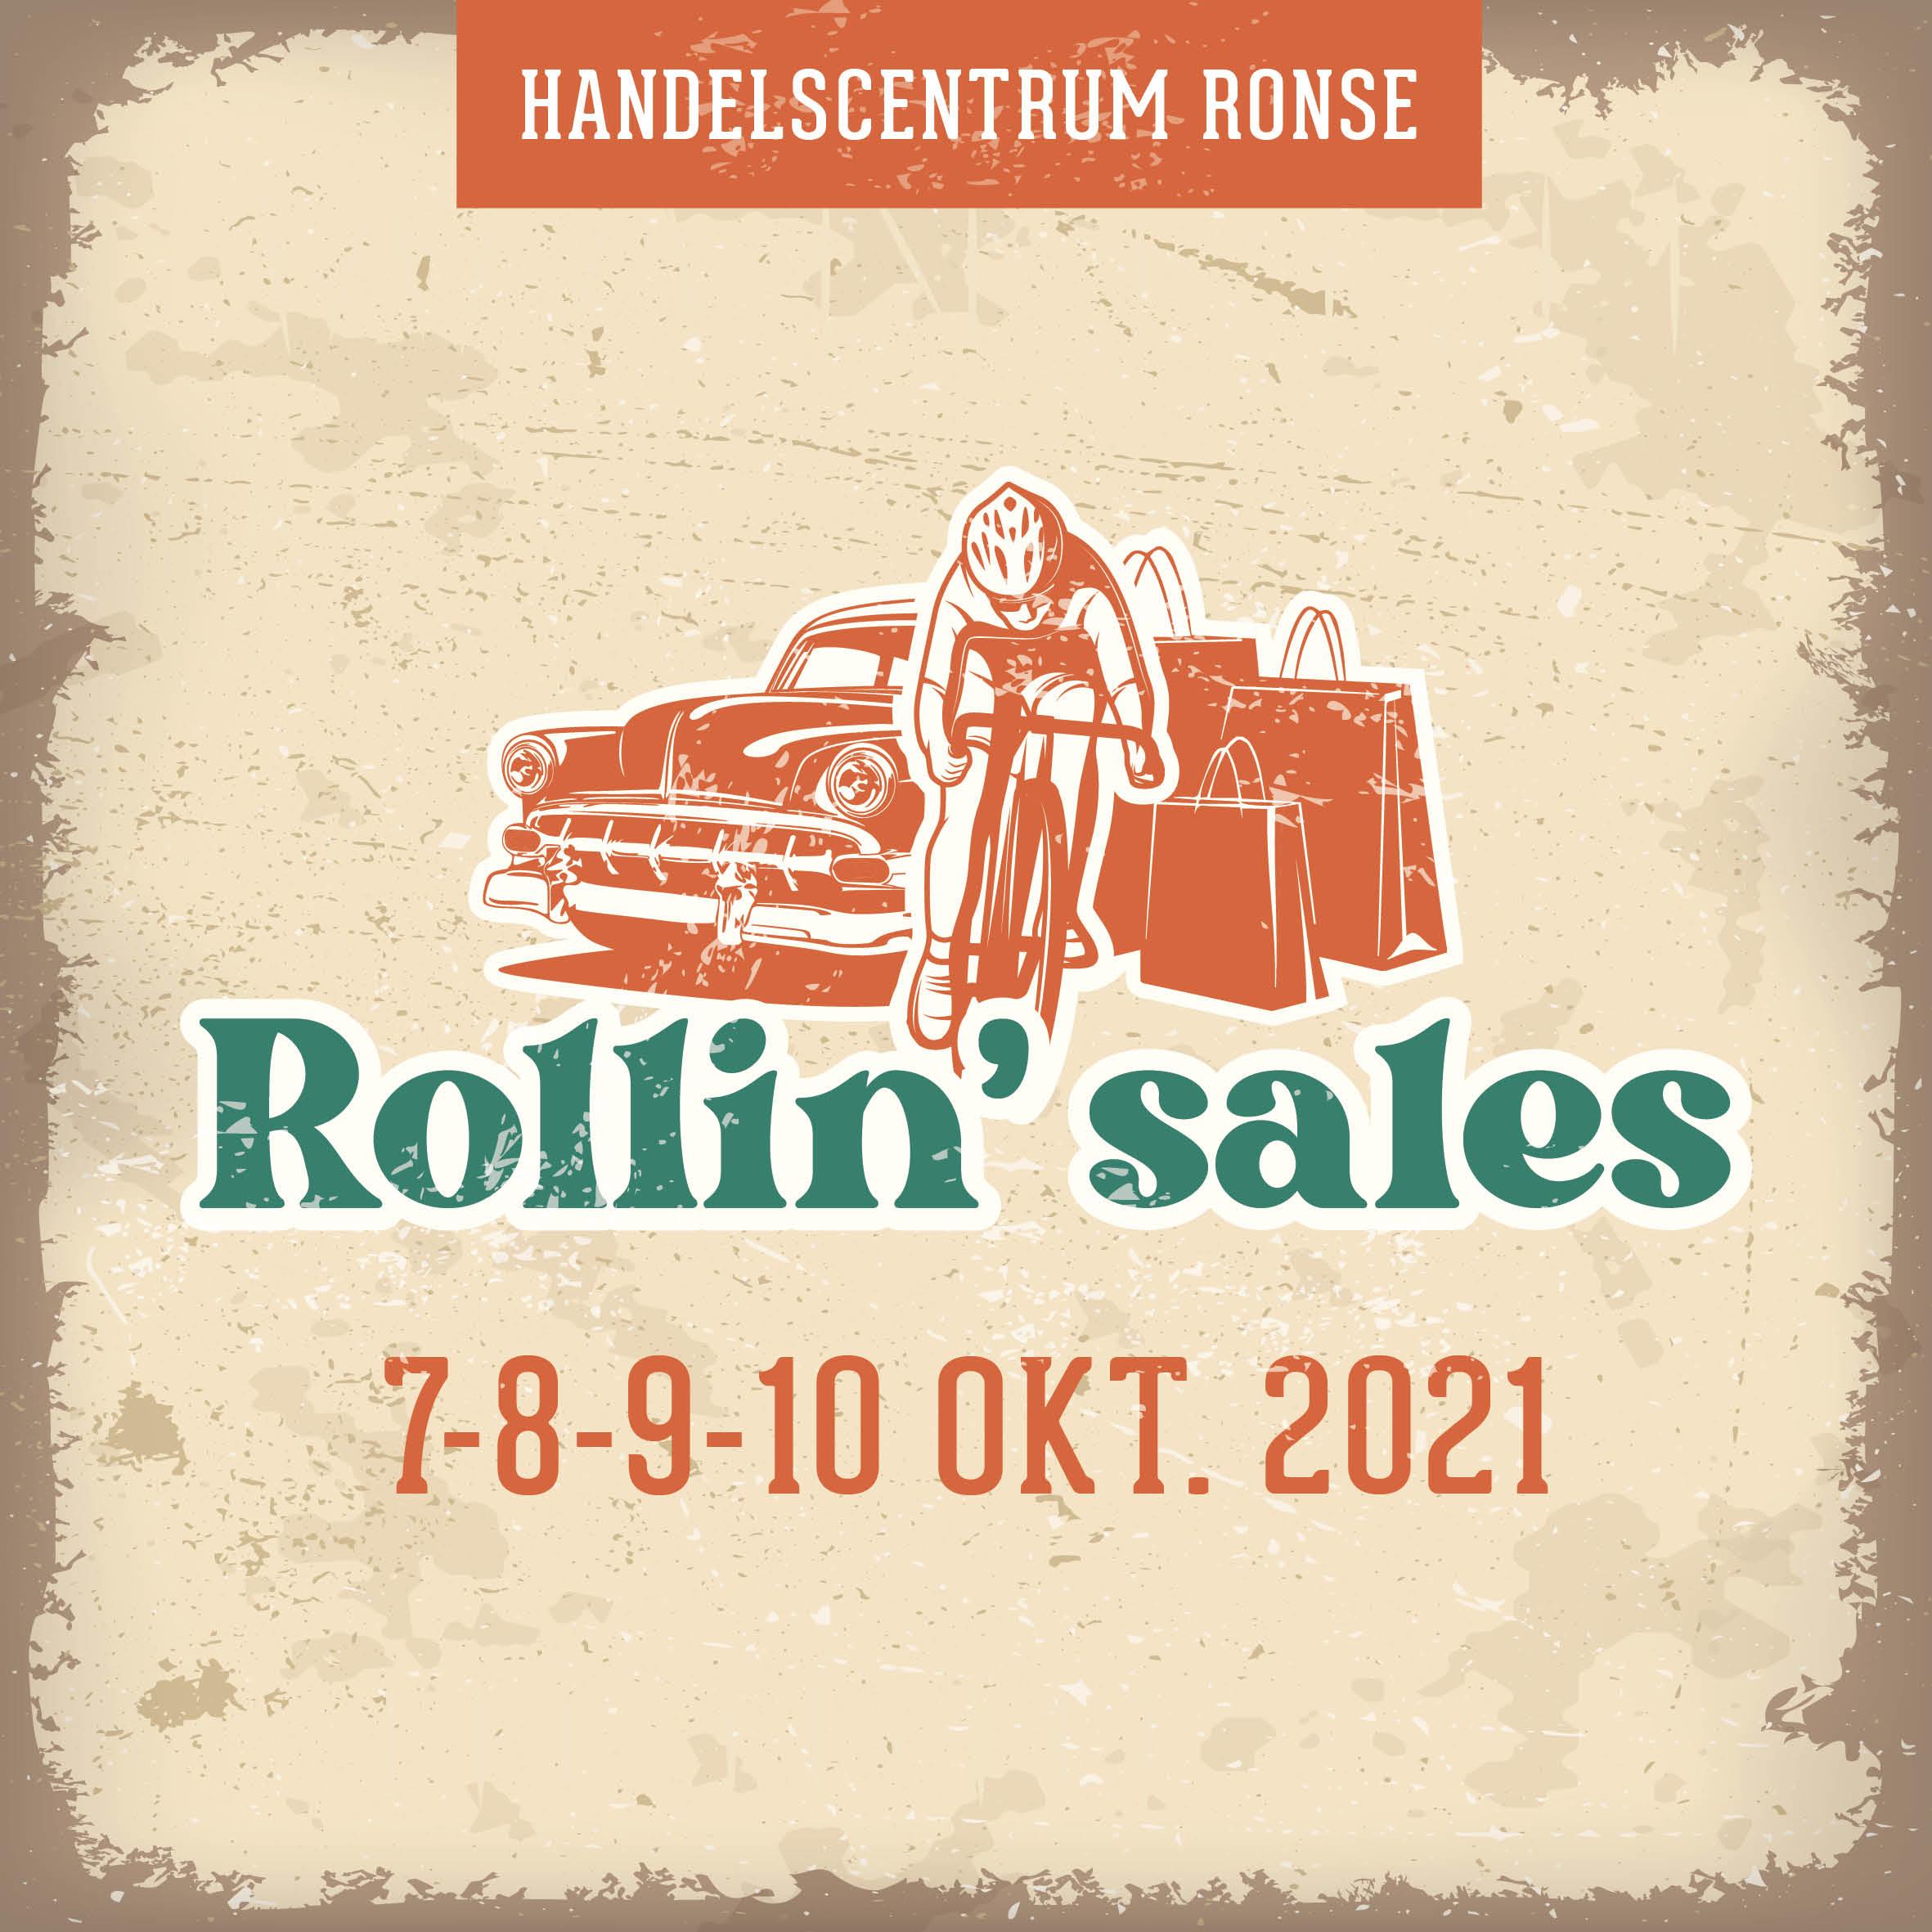 Rollin' sales